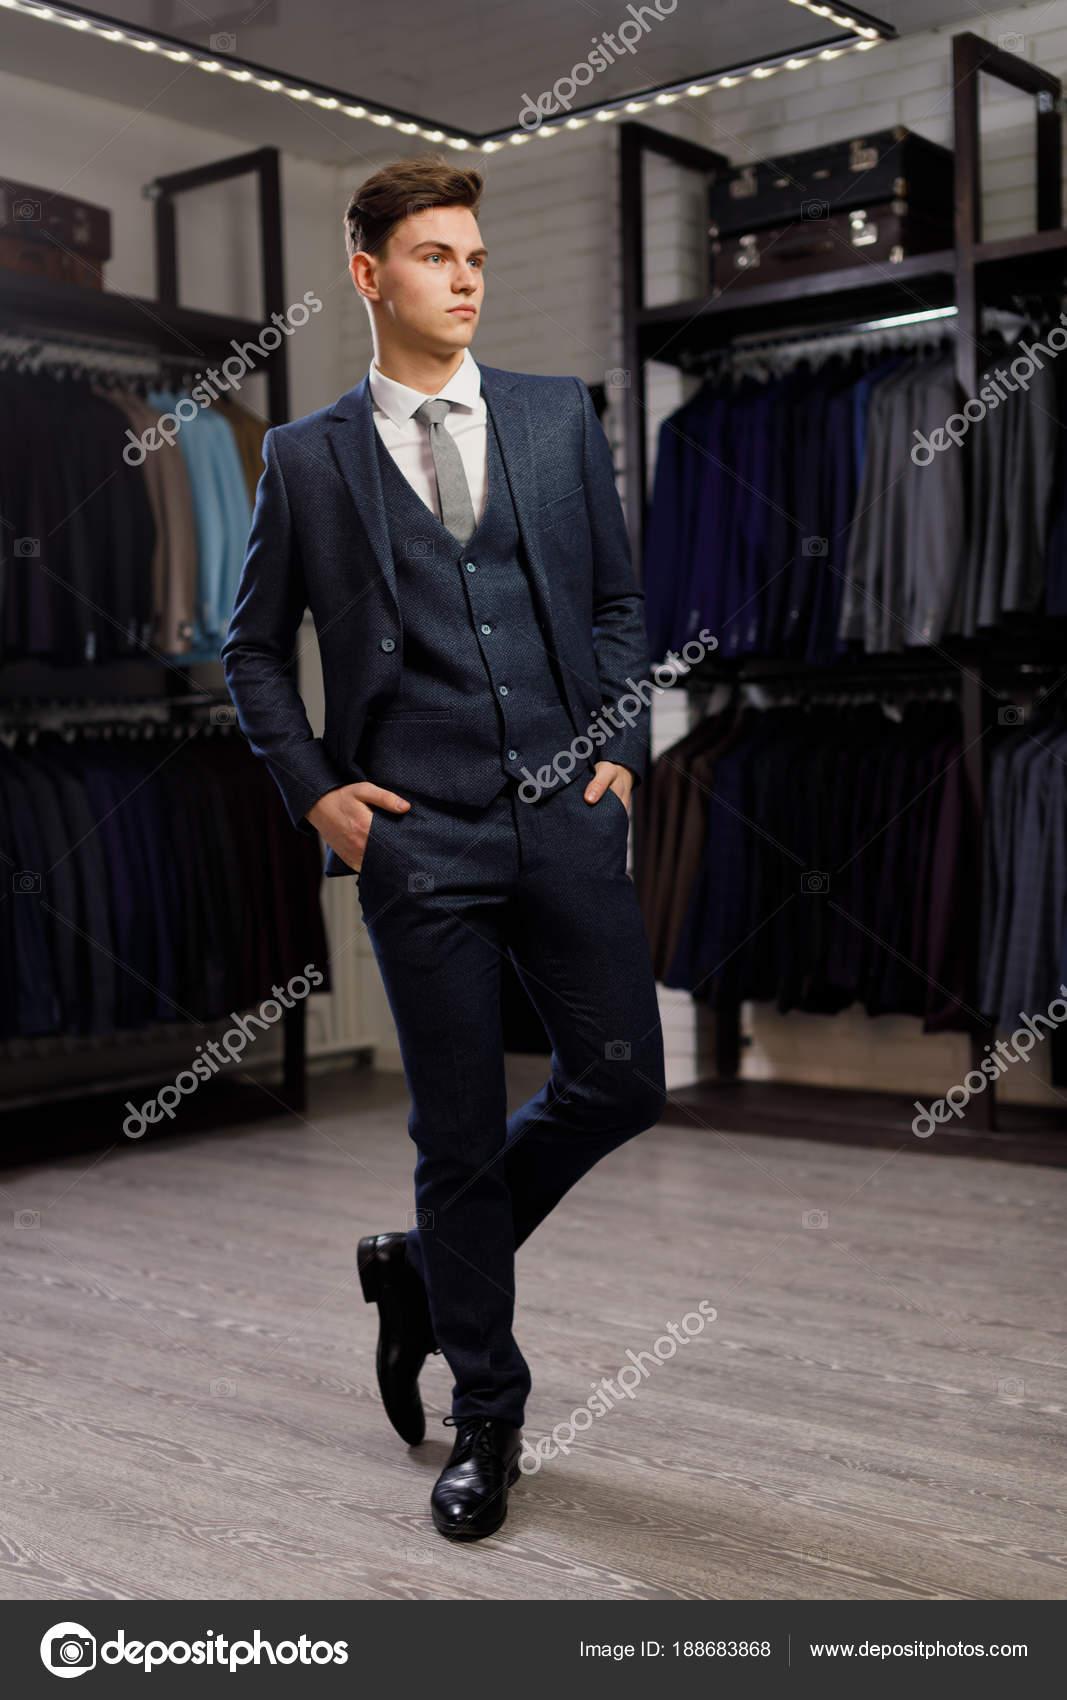 giovane concetto stile shopping di vendita persone e moda x0zw0TRnOq